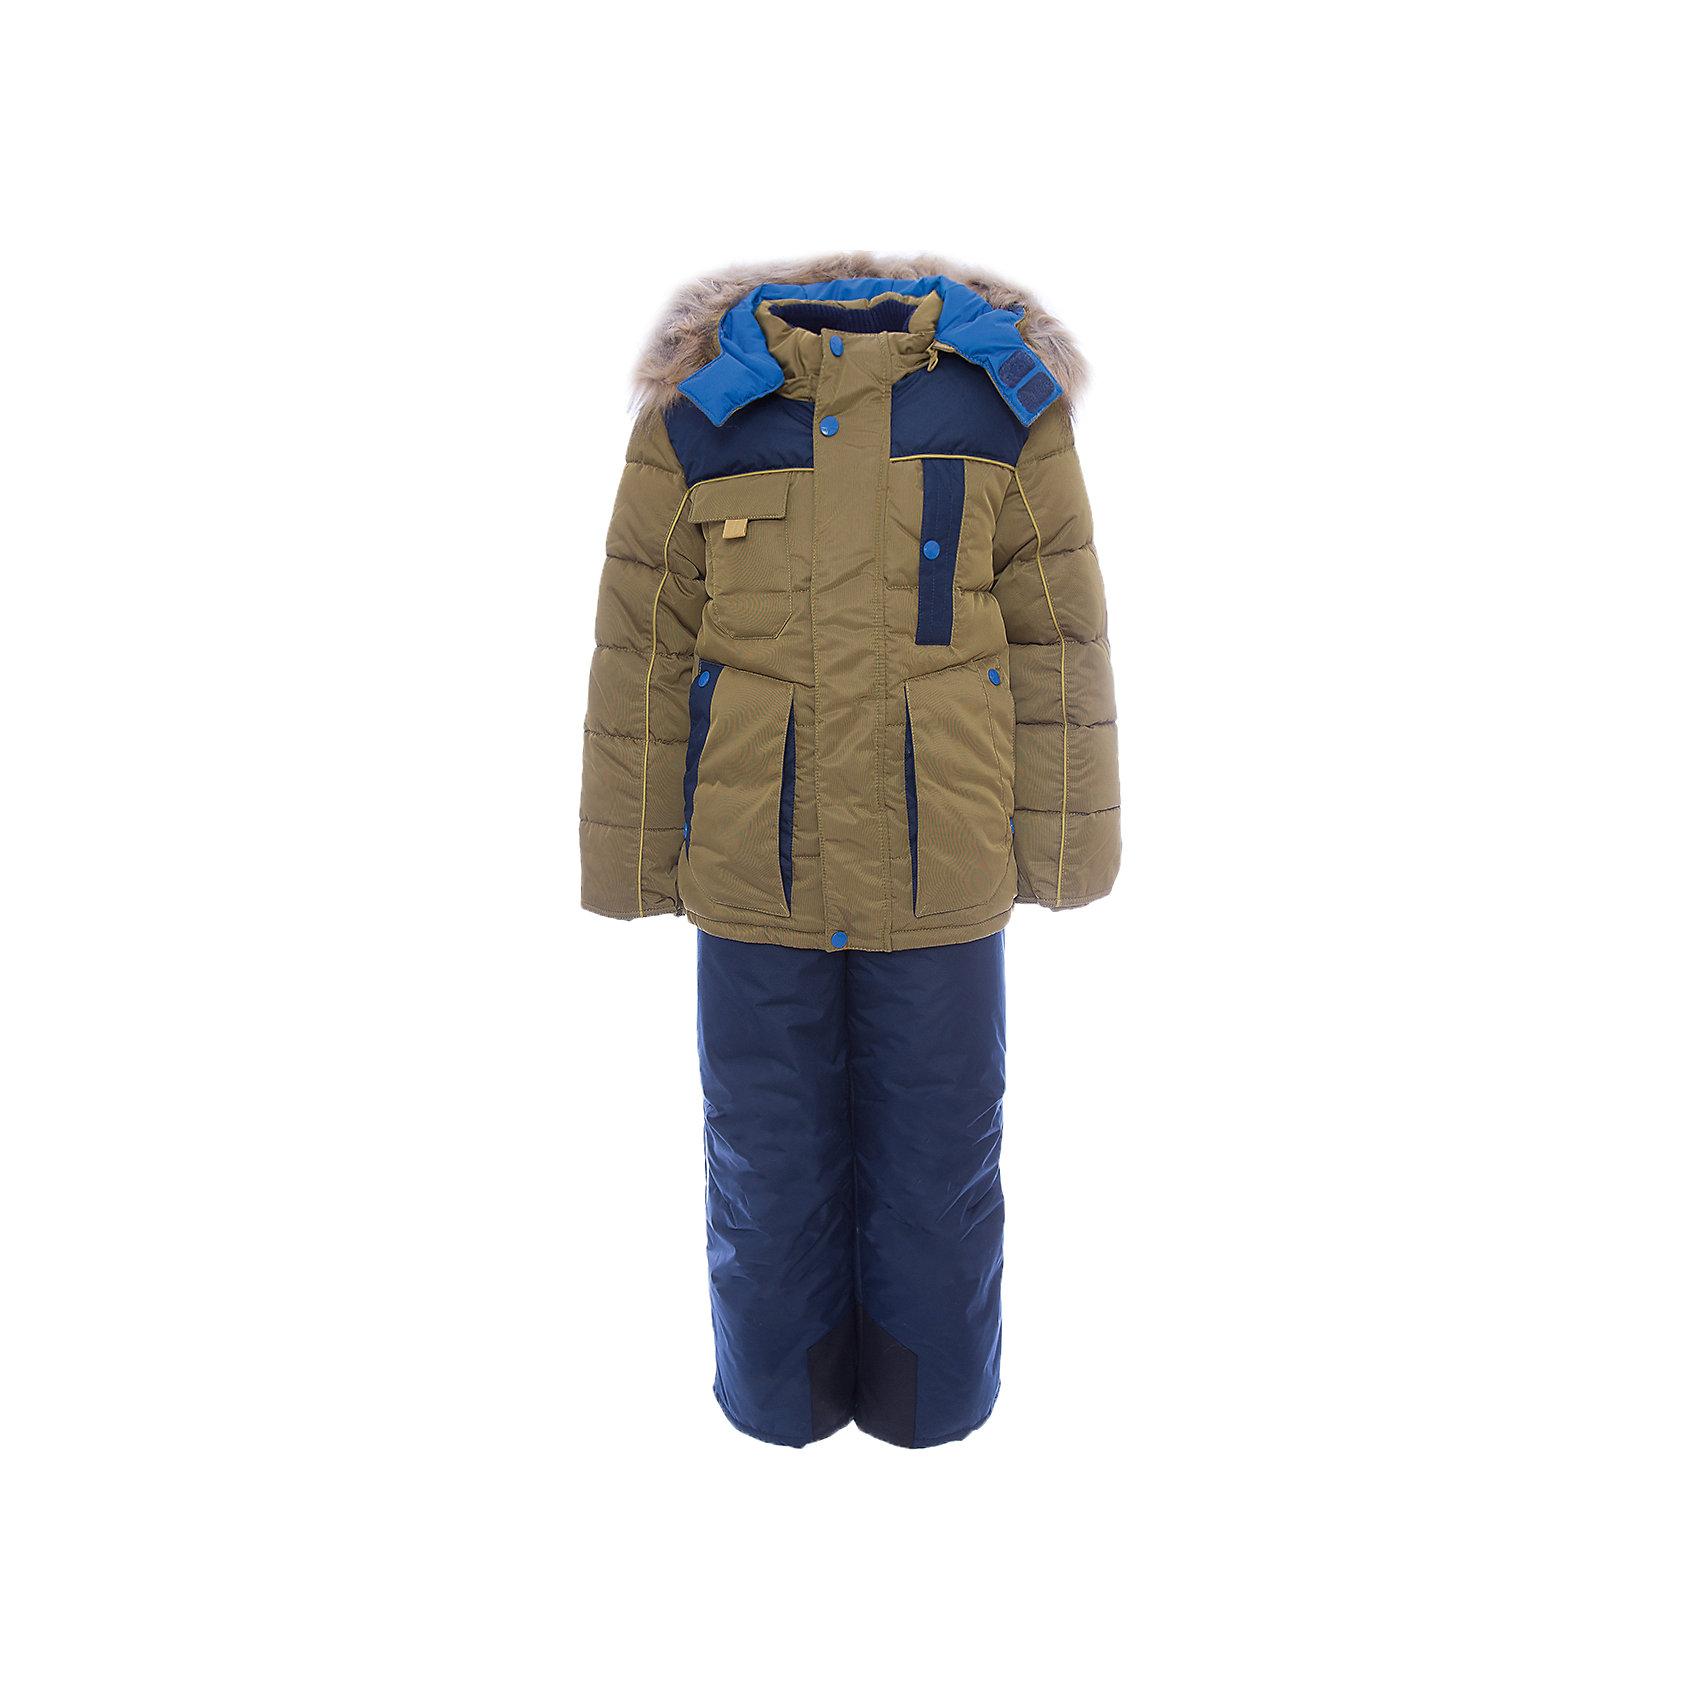 Комплект: куртка и полукомбинезон Арсен OLDOS для мальчикаВерхняя одежда<br>Характеристики товара:<br><br>• цвет: синий<br>• комплектация: куртка и полукомбинезон<br>• состав ткани: 100% полиэстер, пропитка PU, Teflon<br>• подкладка: флис, полиэстер<br>• утеплитель: куртка - искусственный лебяжий пух, полукомбинезон - Hollofan 200 г/м2<br>• подстежка: 60% шерсть, 40% полиэстер<br>• сезон: зима<br>• температурный режим: от -35 до 0<br>• застежка: молния<br>• капюшон: с мехом, съемный<br>• подстежка в комплекте<br>• страна бренда: Россия<br>• страна изготовитель: Россия<br><br>Этот костюм для мальчика дополнен шерстяной подстежкой. Зимний комплект для мальчика дополнен удобными карманами регулируемыми подтяжками, капюшоном, планкой и внутренней манжетой. Этот детский комплект обеспечит тепло и комфорт даже в сильные холода. Теплый детский комплект сделан из качественных материалов. <br><br>Комплект: куртка и полукомбинезон Арсен Oldos (Олдос) для мальчика можно купить в нашем интернет-магазине.<br><br>Ширина мм: 356<br>Глубина мм: 10<br>Высота мм: 245<br>Вес г: 519<br>Цвет: синий<br>Возраст от месяцев: 96<br>Возраст до месяцев: 108<br>Пол: Мужской<br>Возраст: Детский<br>Размер: 134,104,110,116,122,128<br>SKU: 7016931